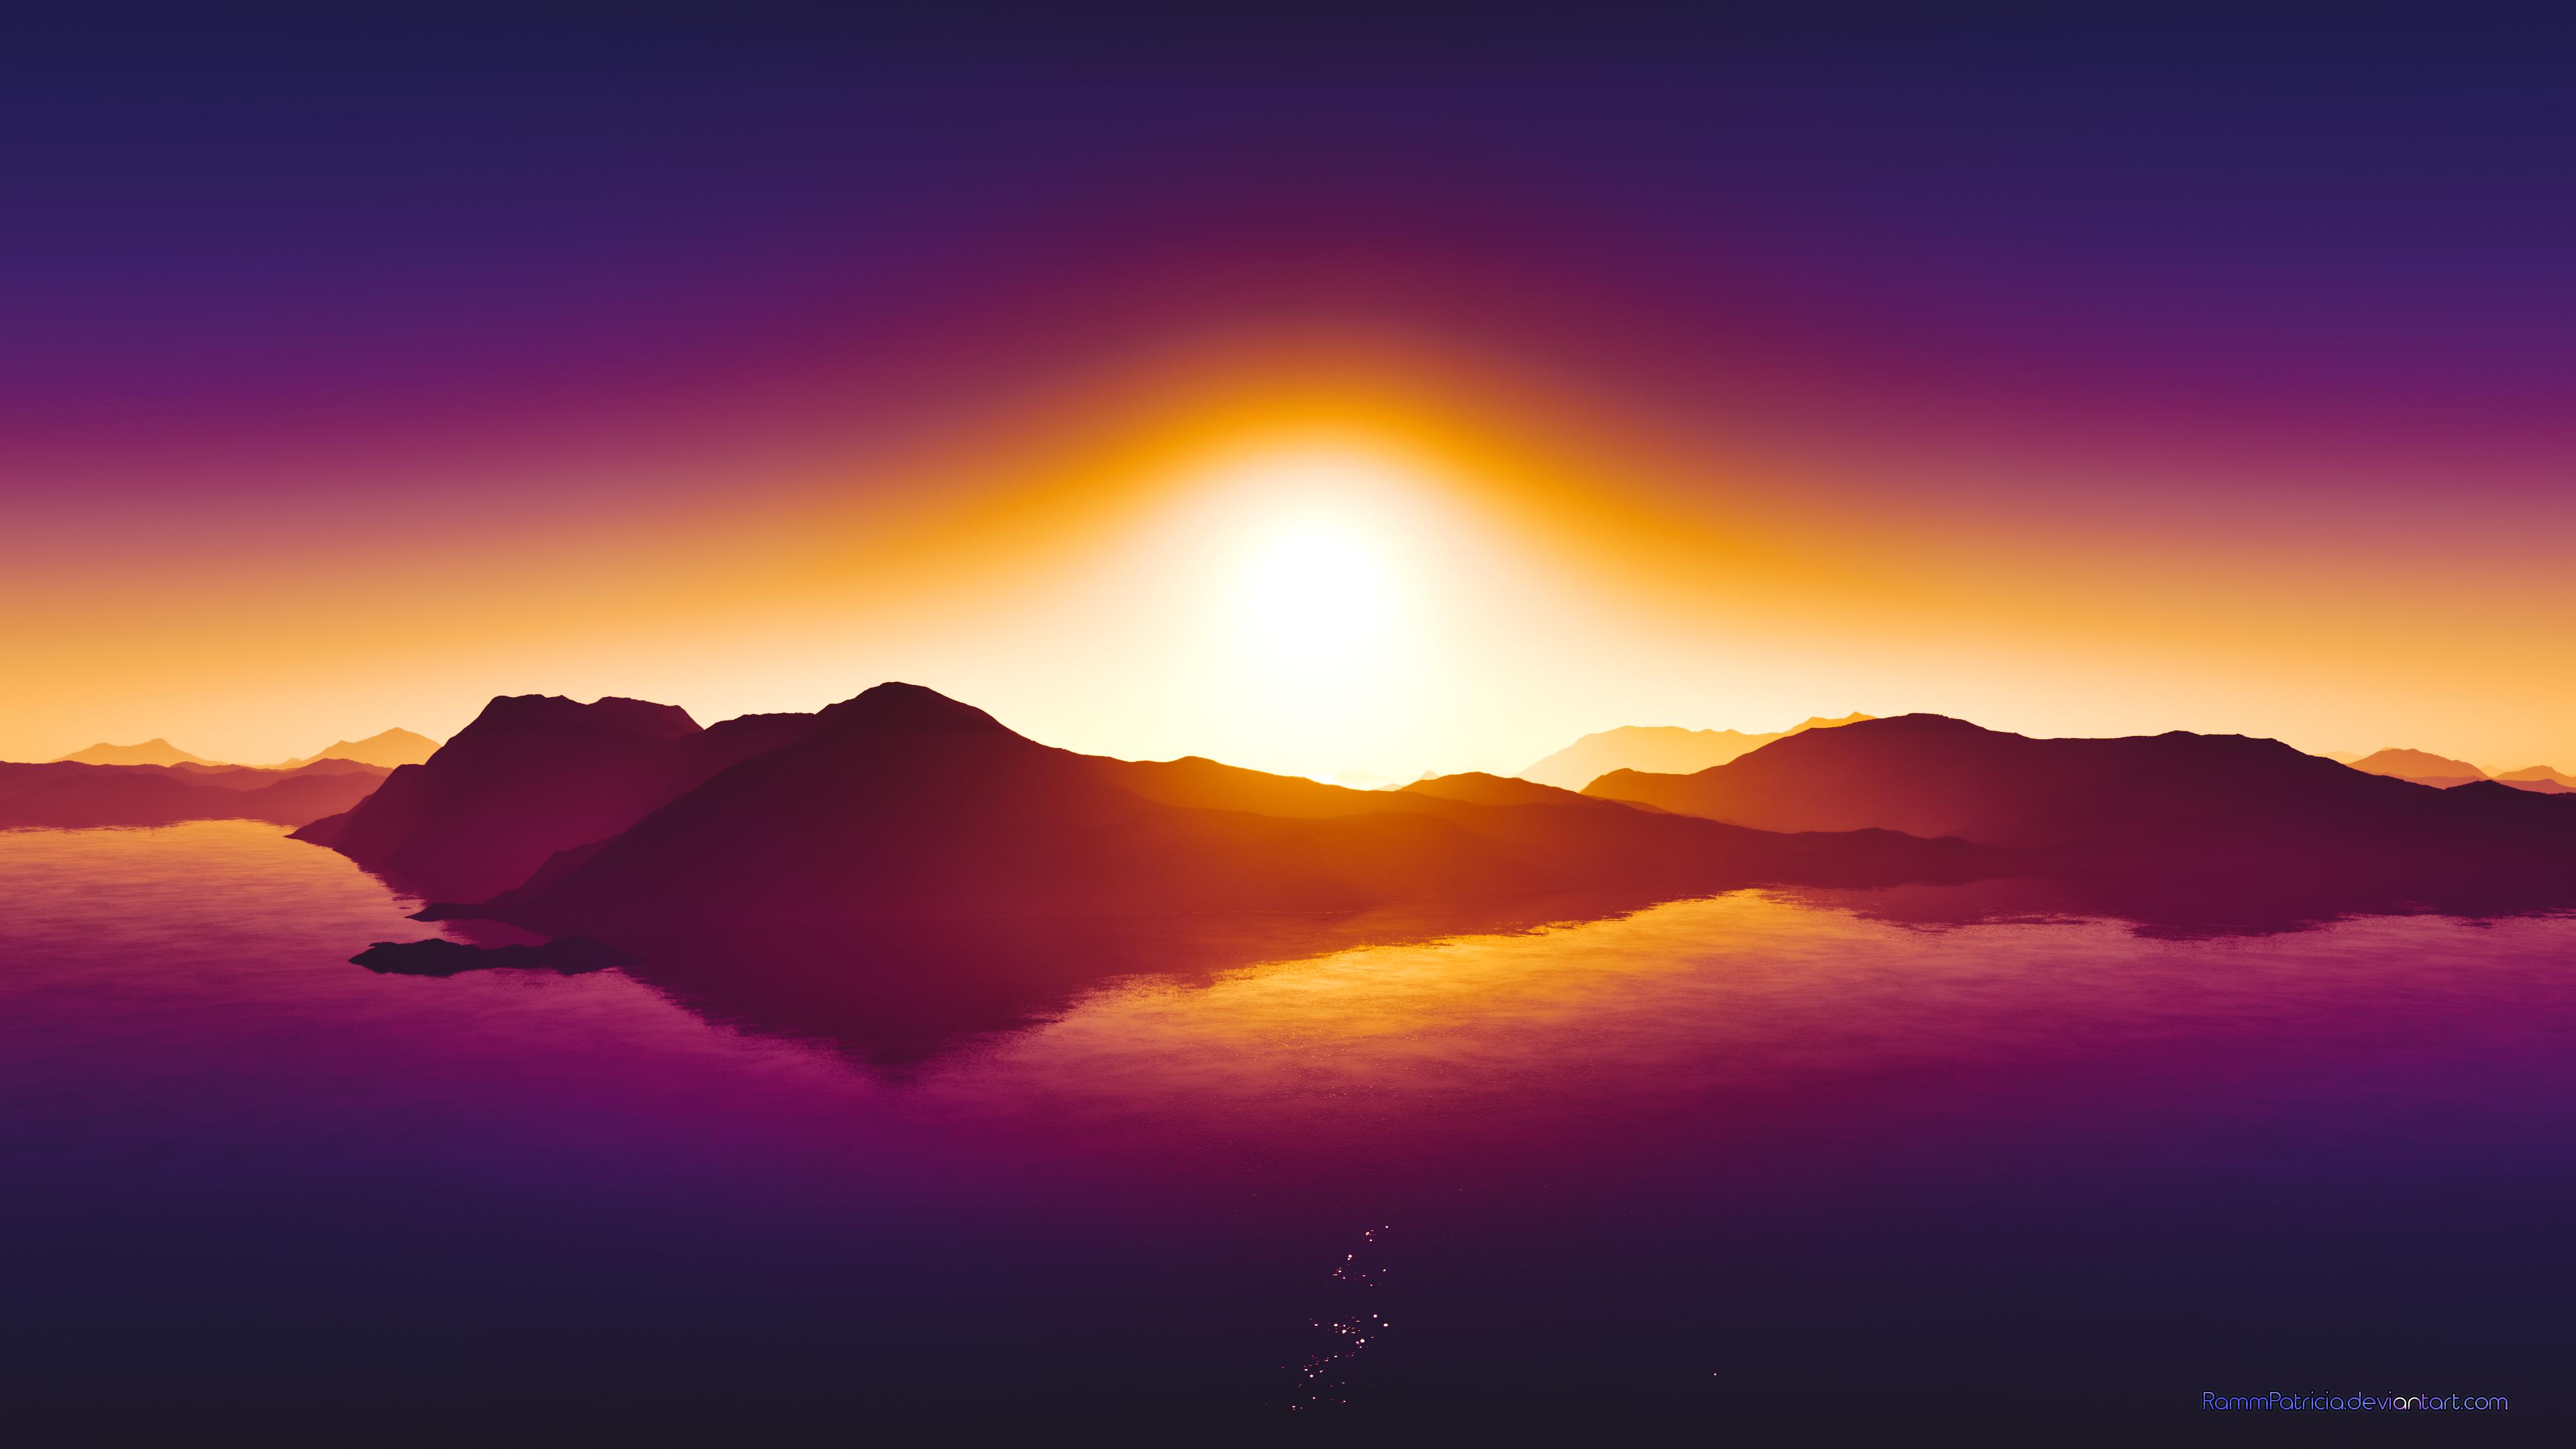 3840x2160 4k Summer Sunset 4k Wallpaper Hd Nature 4k